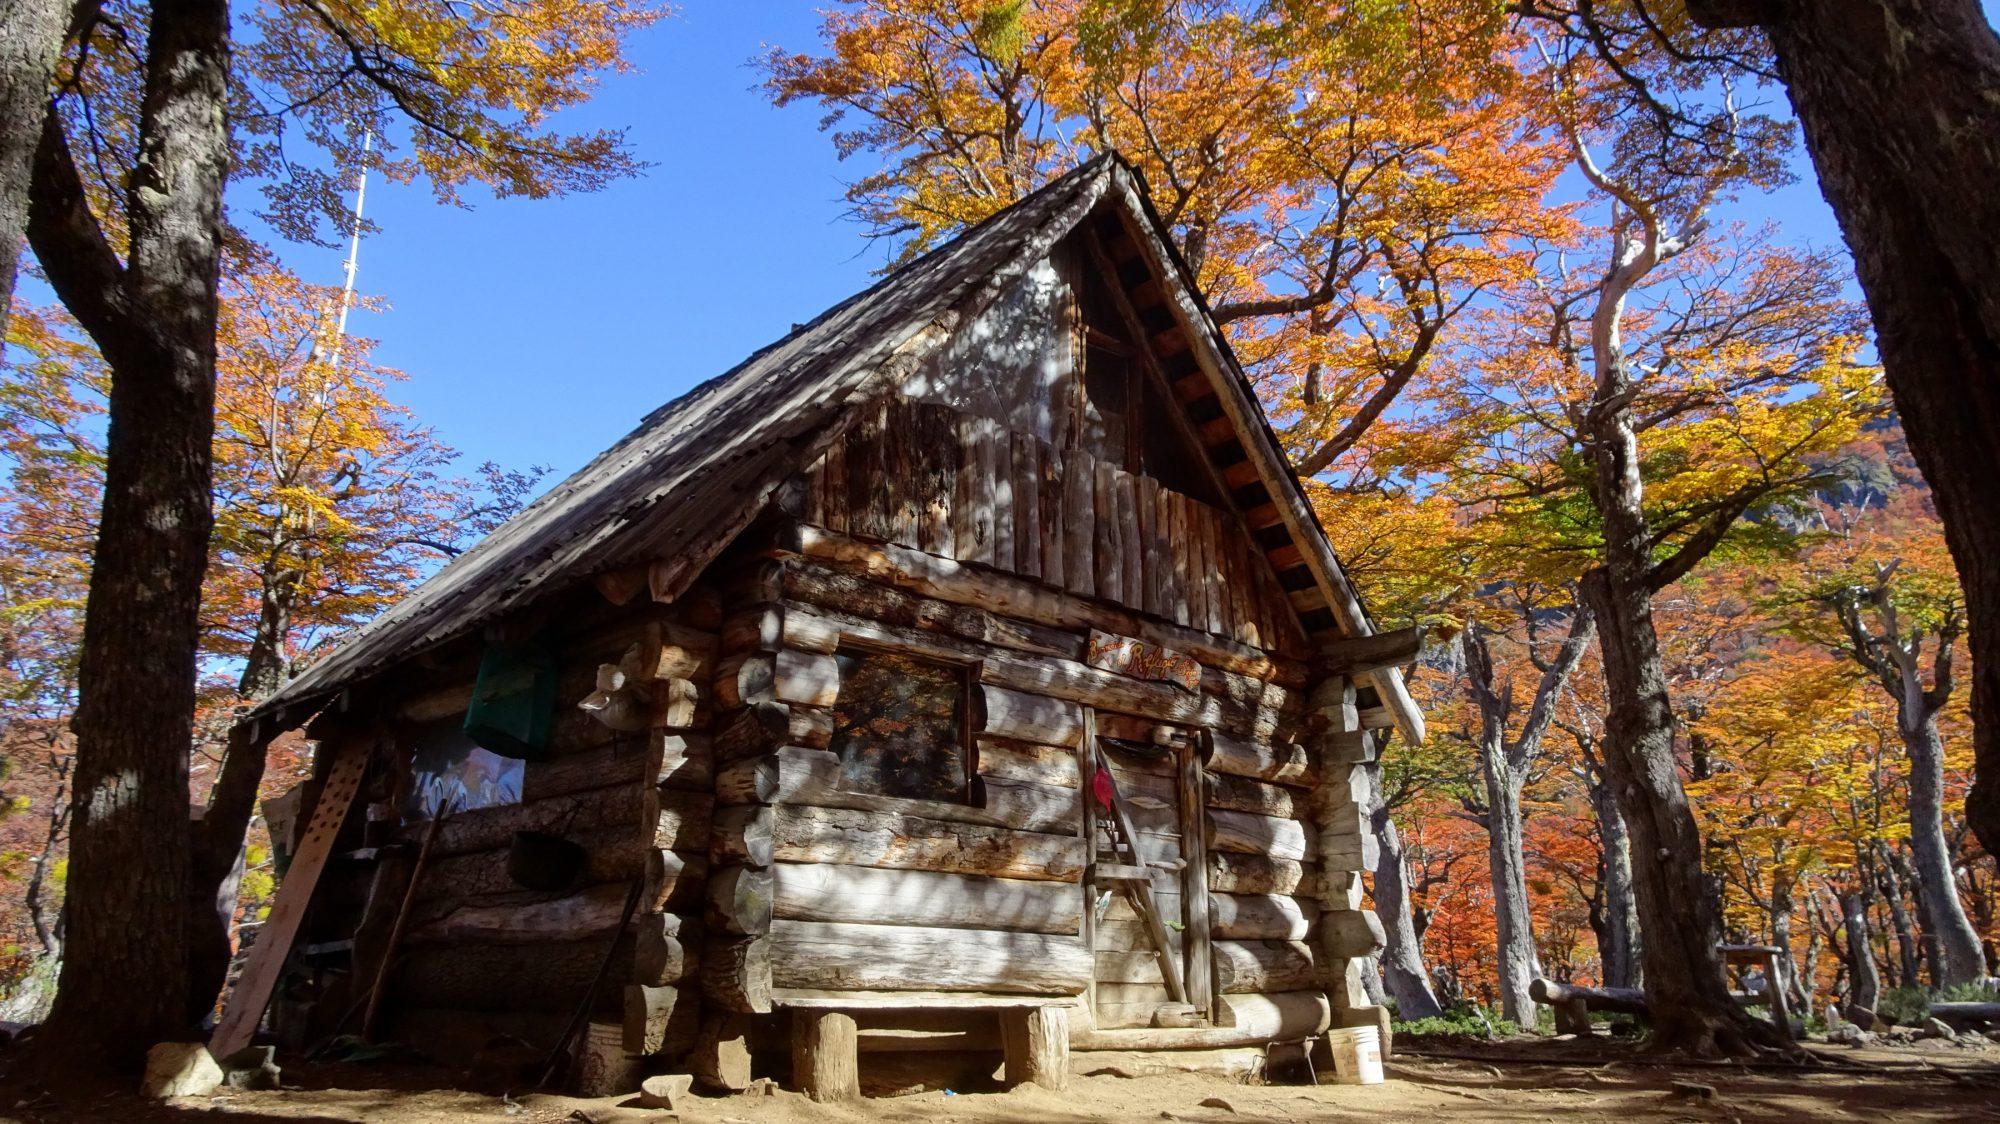 Fjella El Bolson Dedo Gordo Hütte Wanderung Patagonien Warton Dedo Gordo Encanto Blanco Wanderroute Wandern Refugio Dedo Gordo